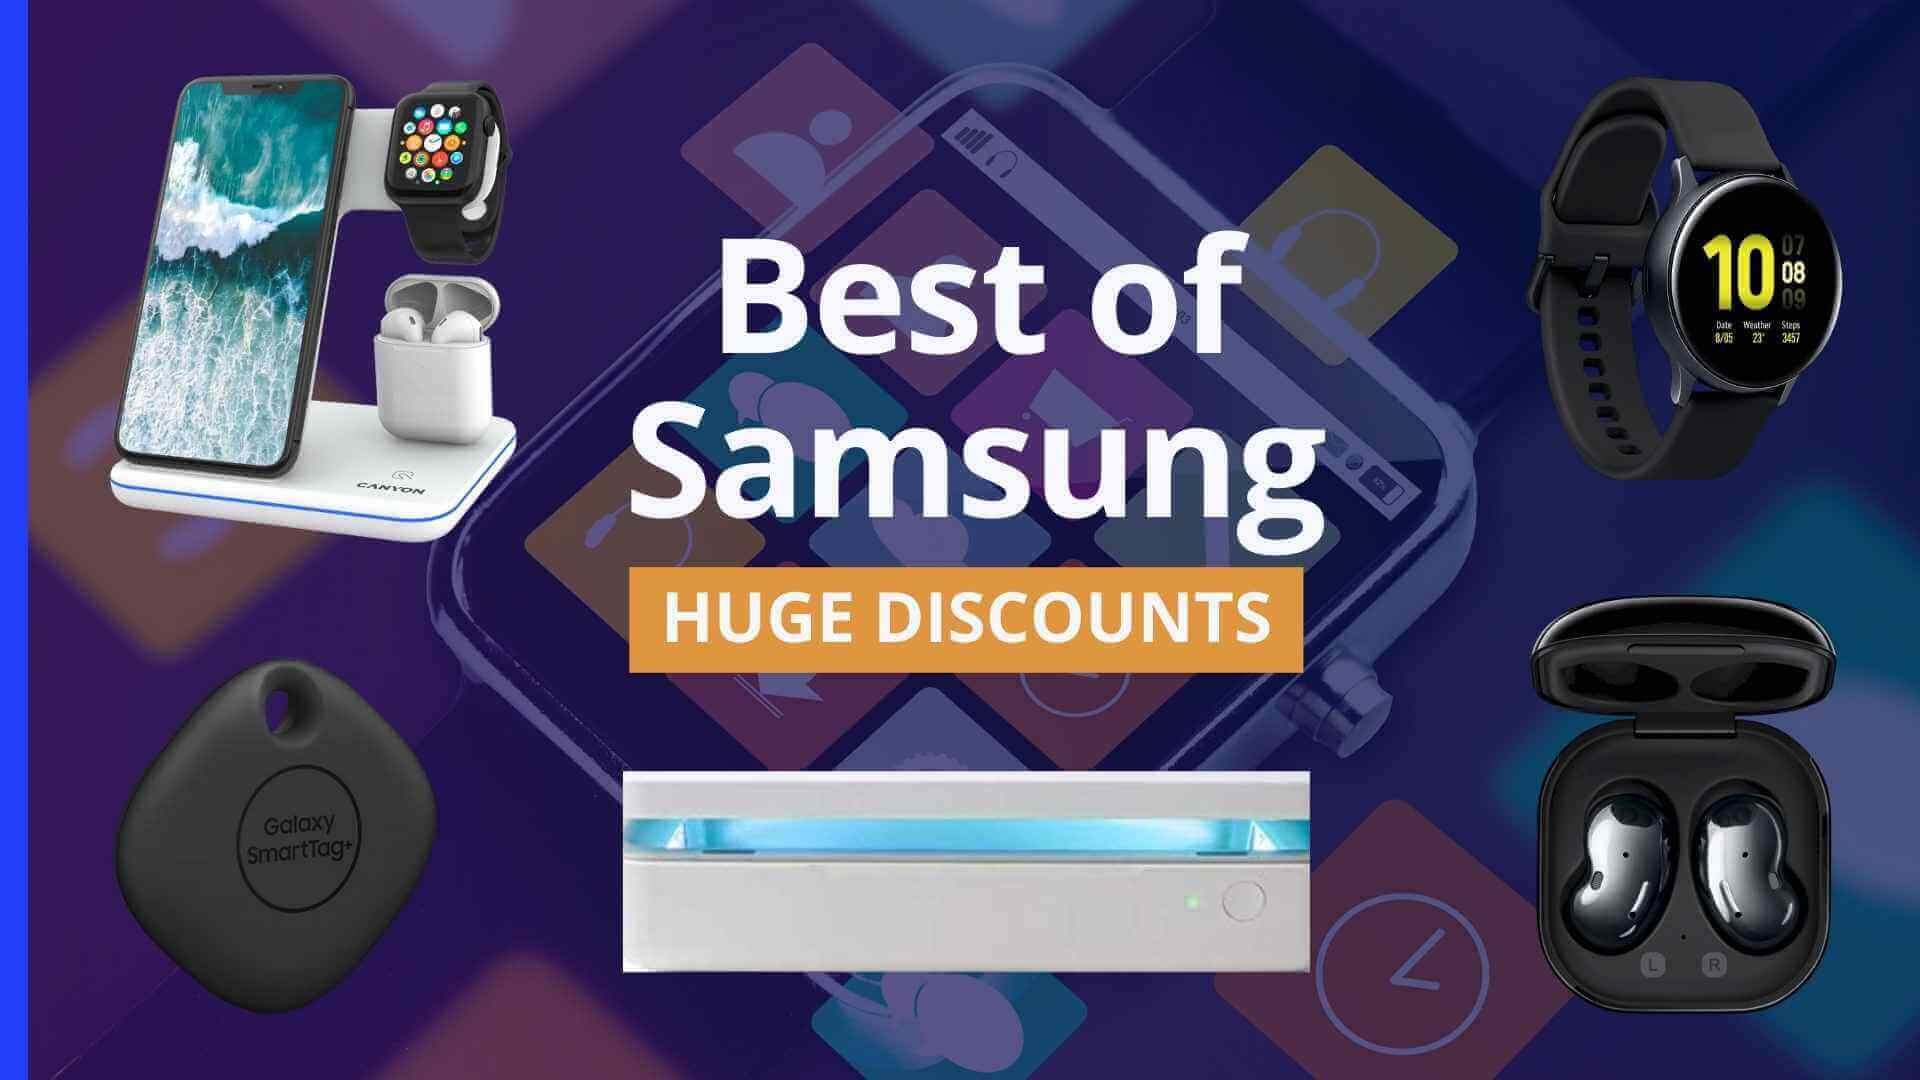 Best of Samsung